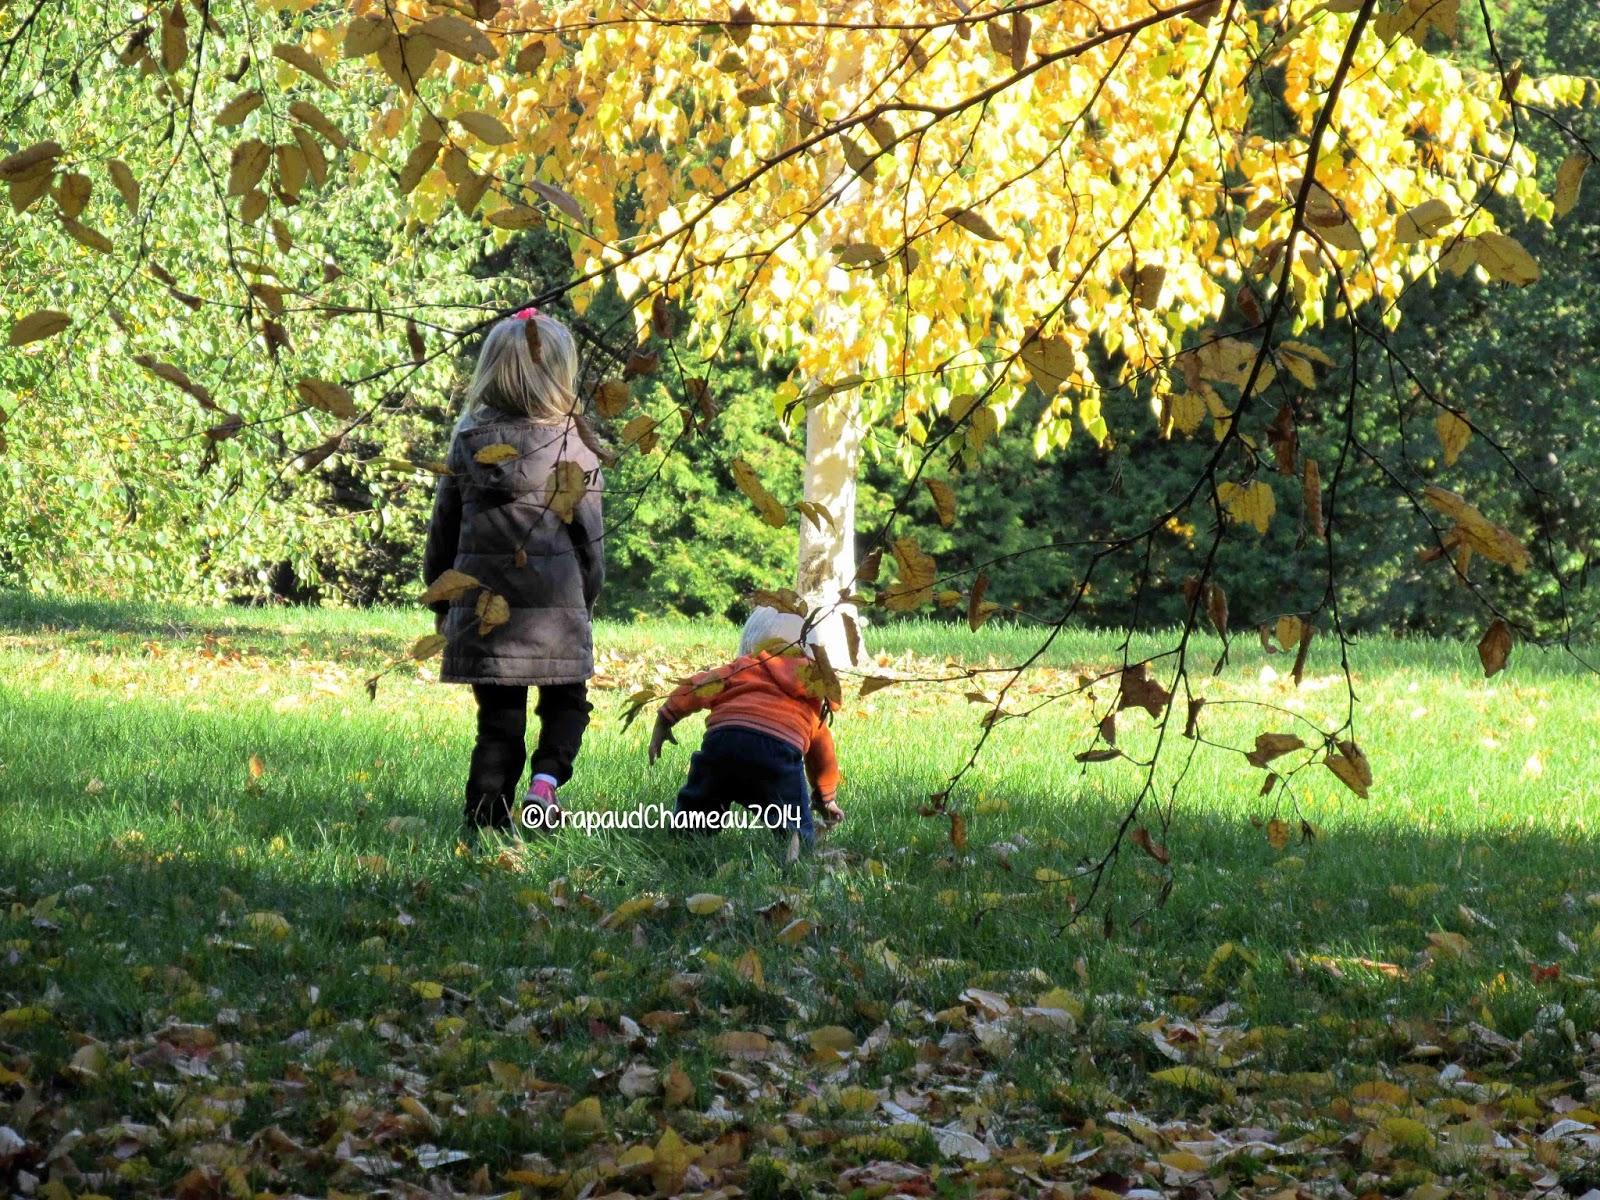 Le Crapaud et Le Chameau au Jardin botanique de Montréal